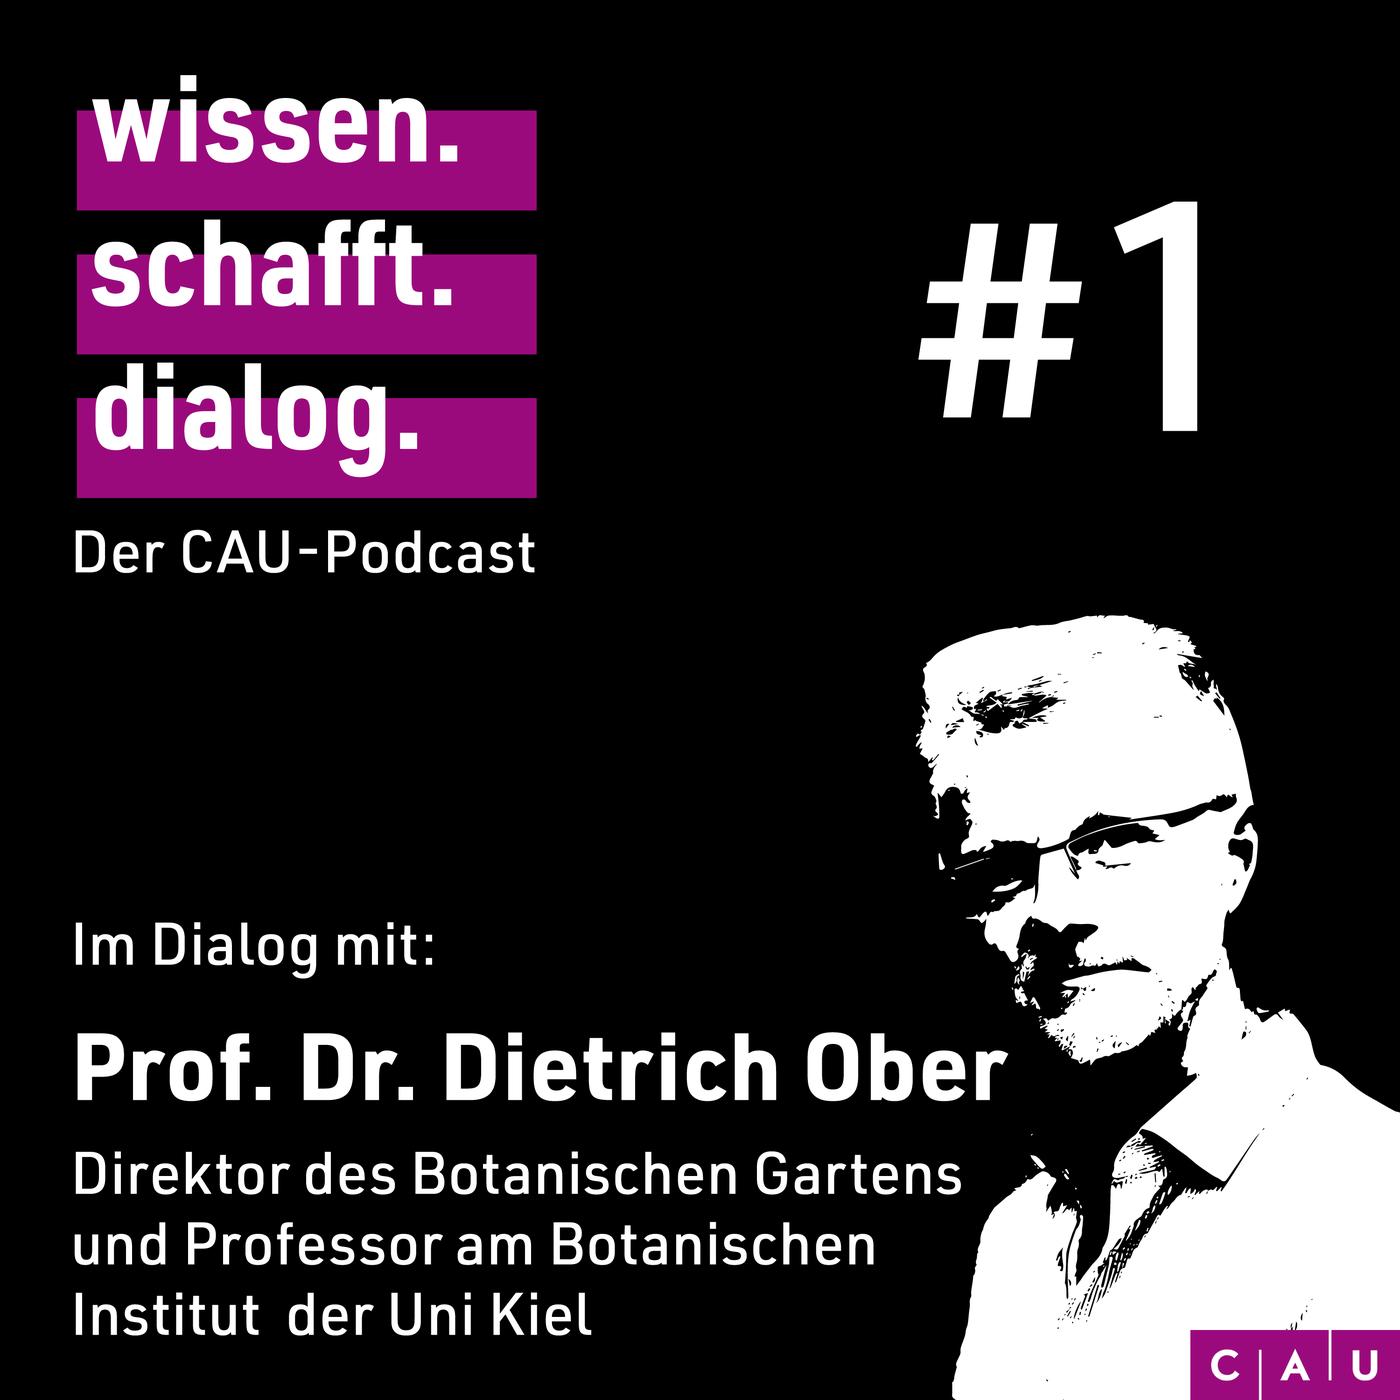 Im Dialog mit: Prof. Dr. Dietrich Ober